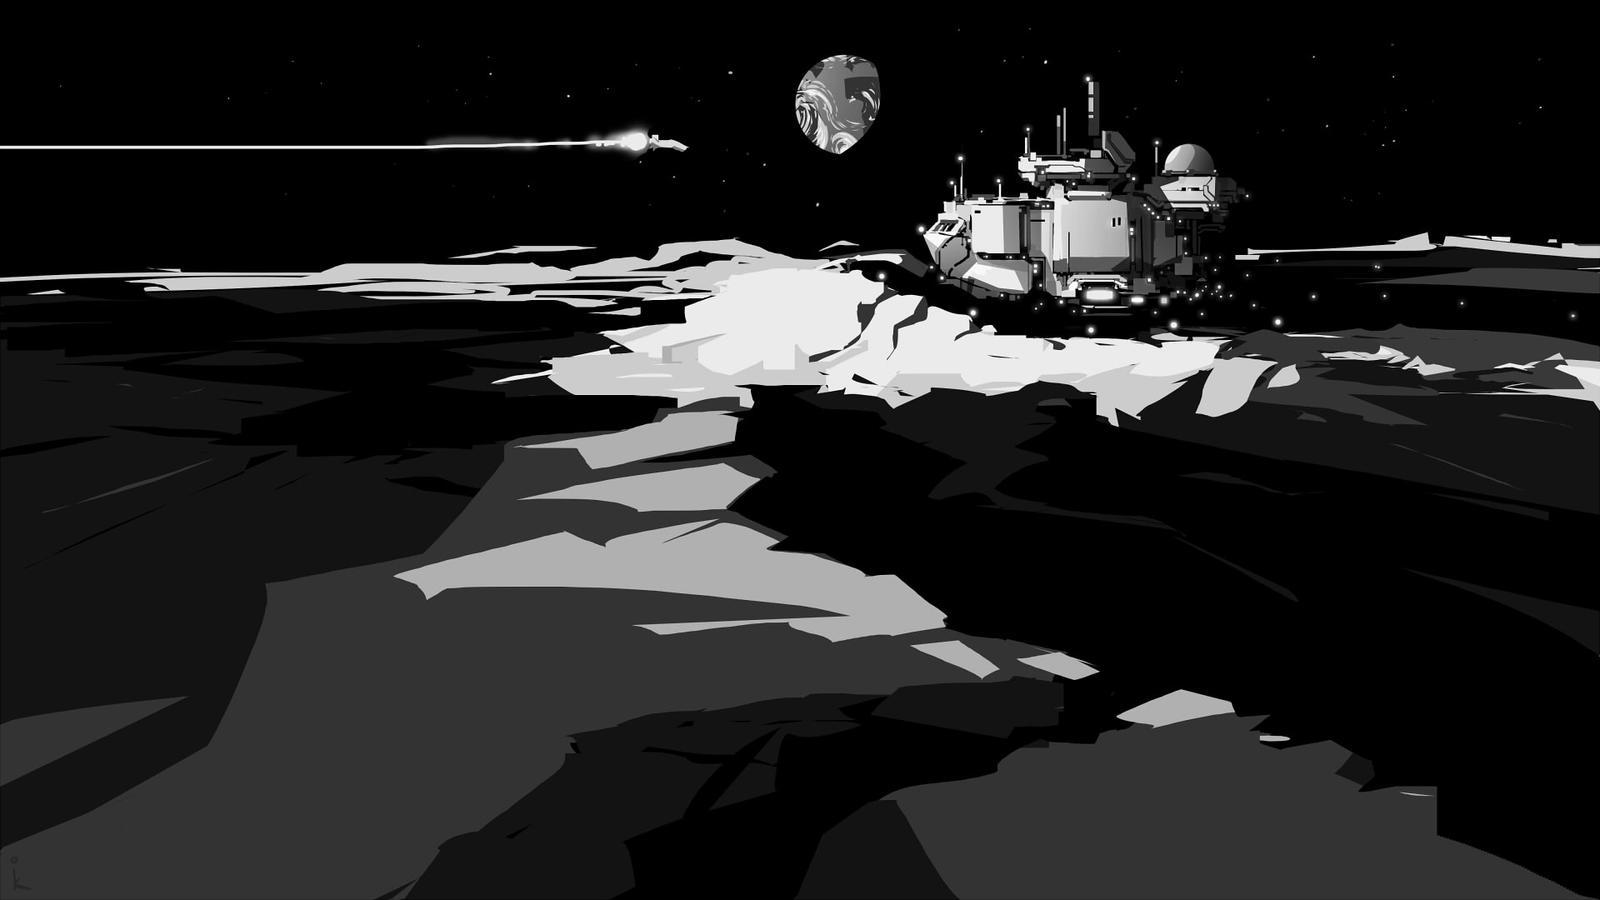 Moon Base by cyberkolbasa